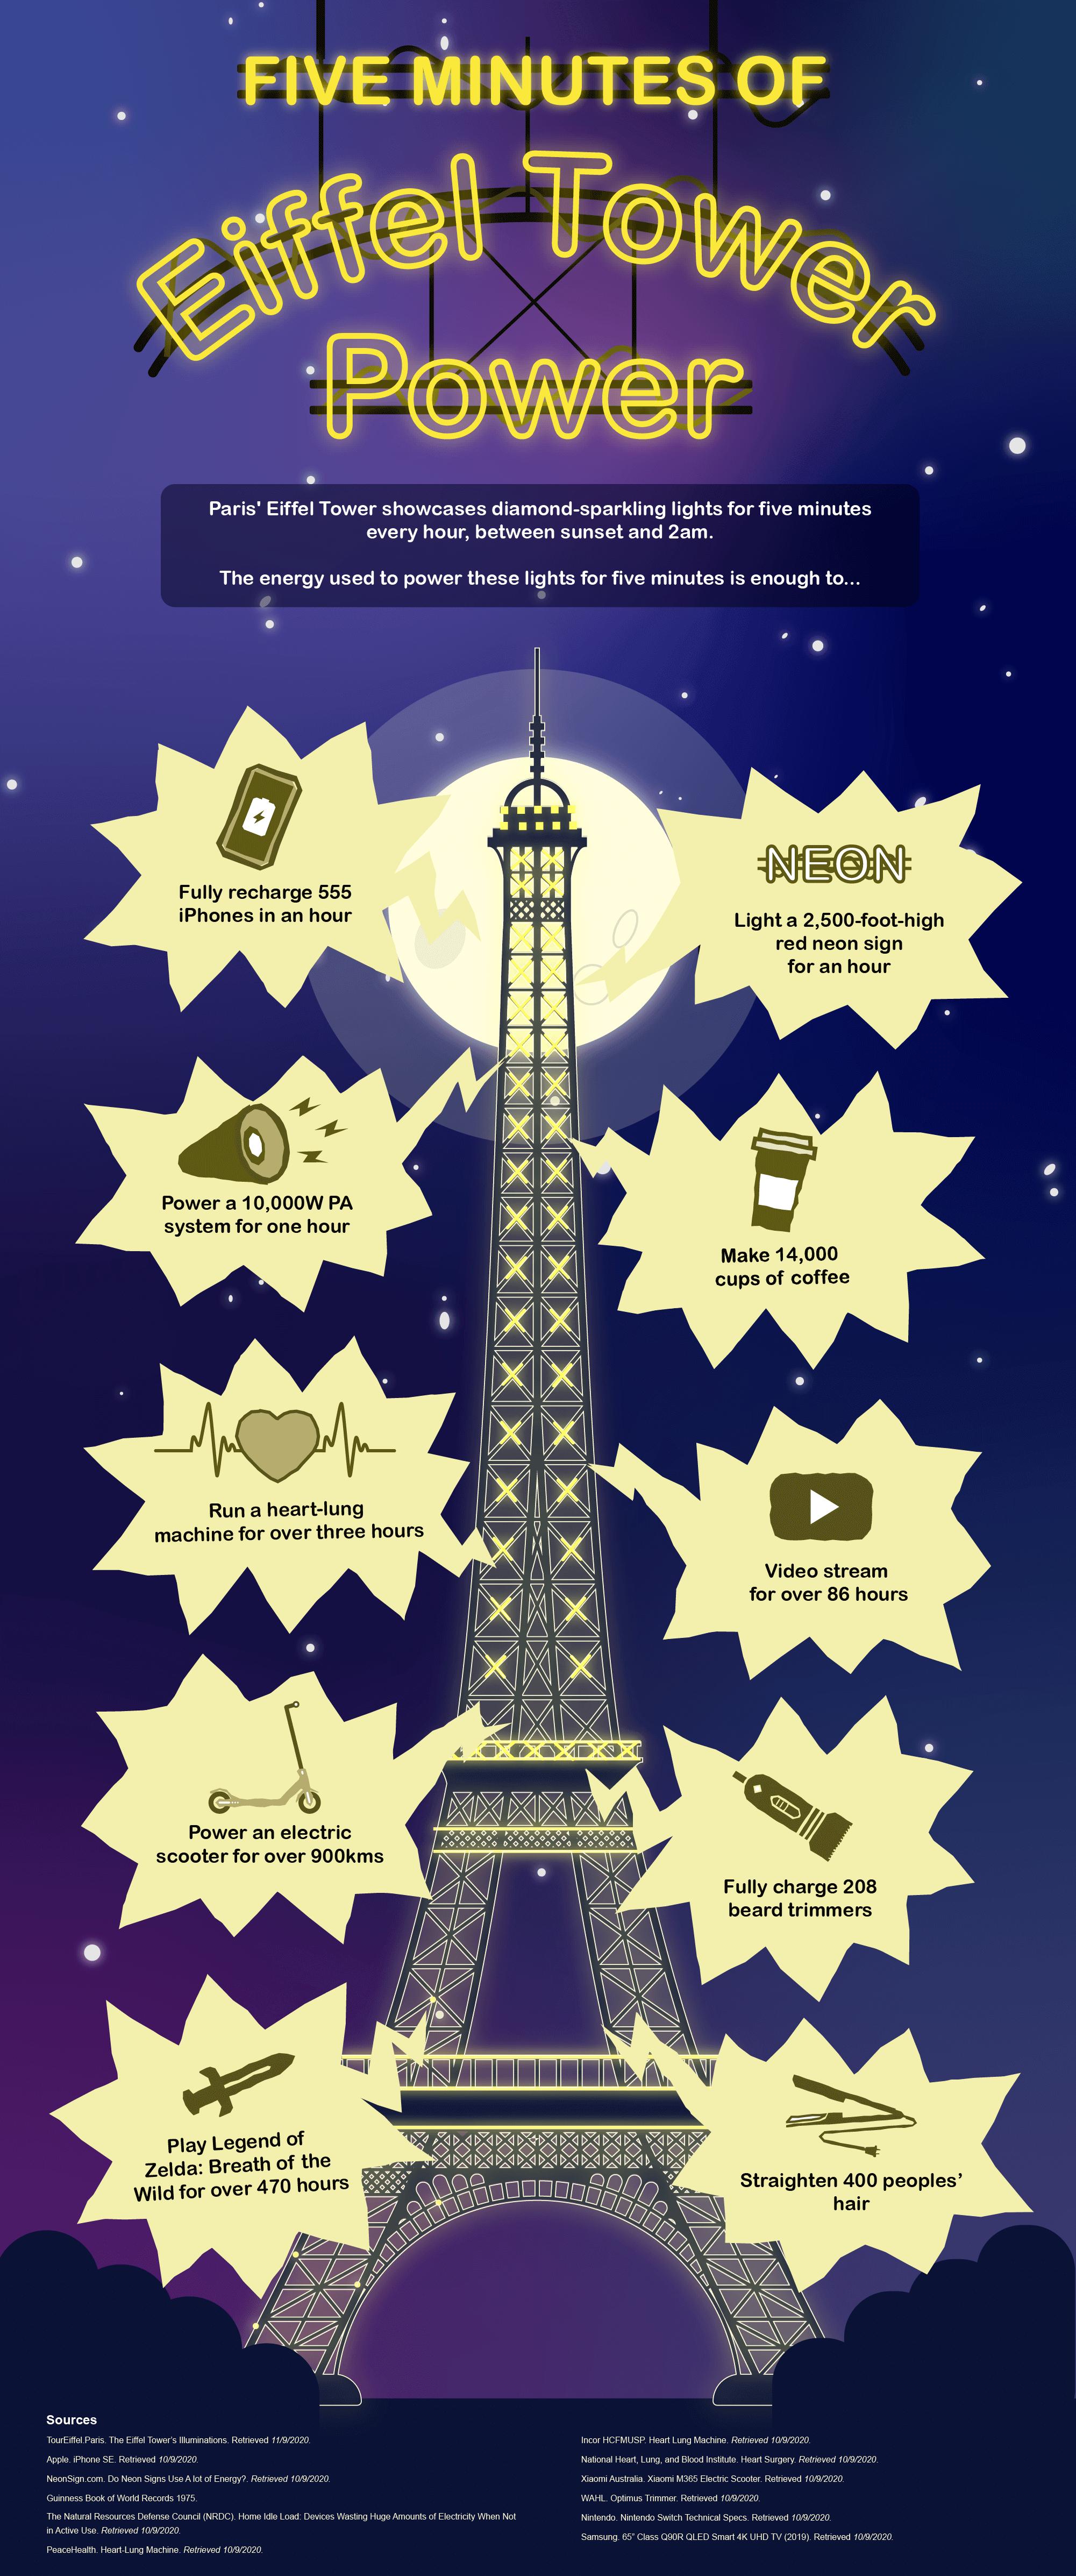 Harnessing Eiffel Tower Power